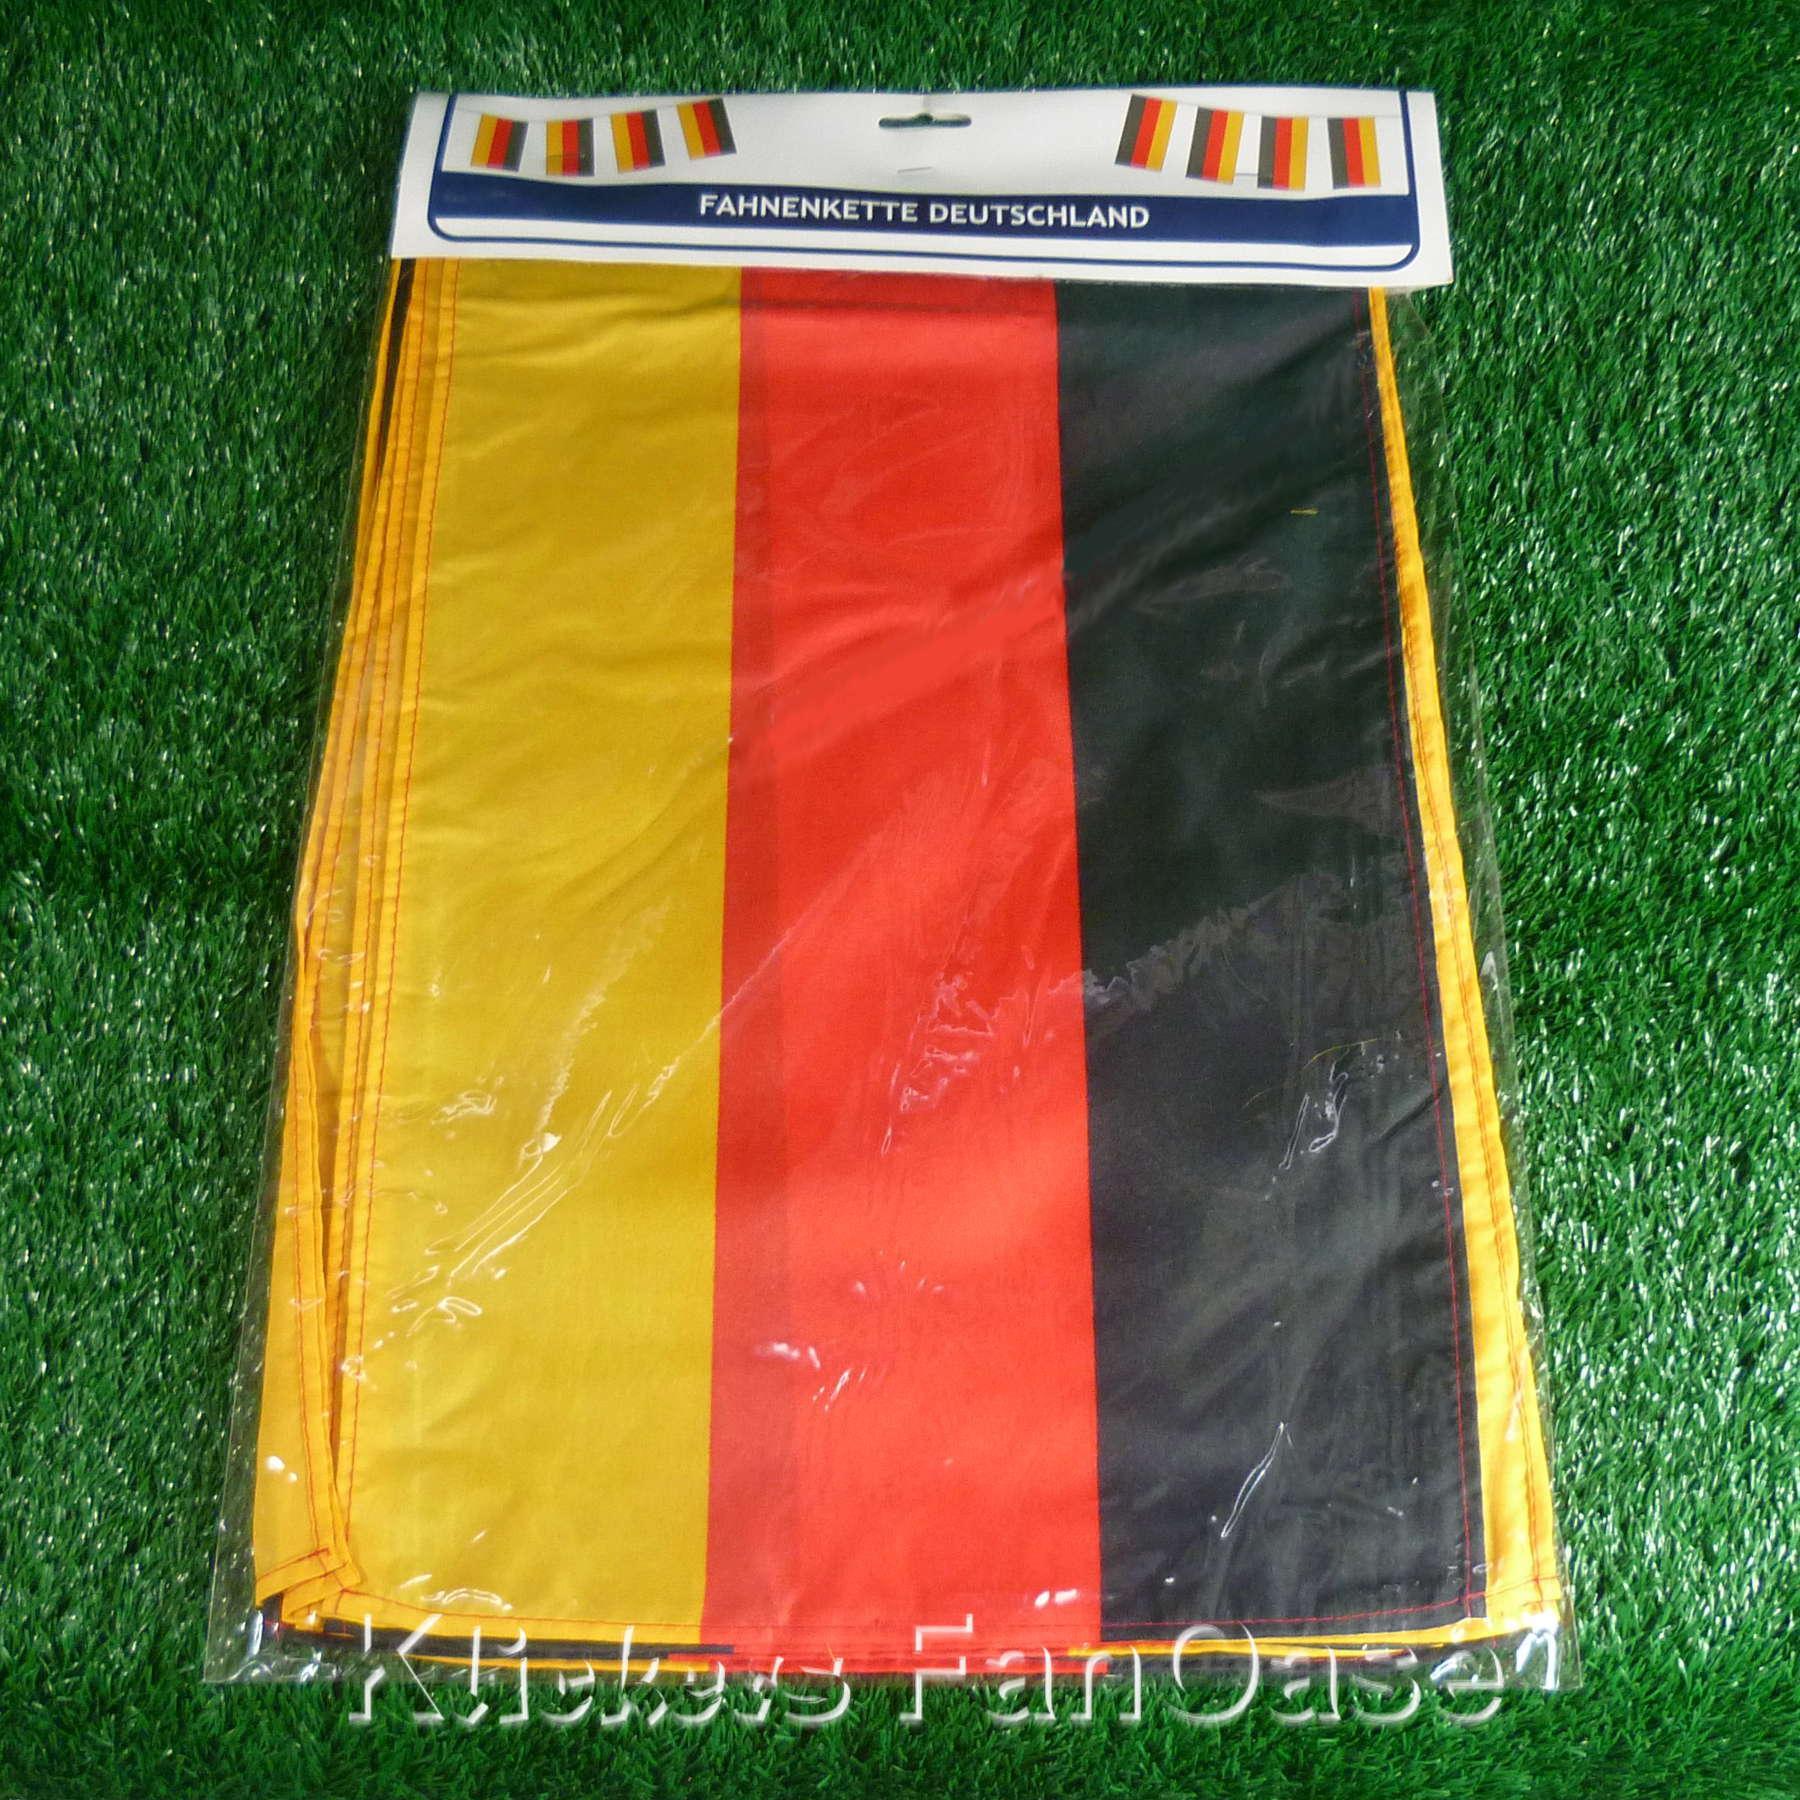 Deutschland Fahnenkette 7m